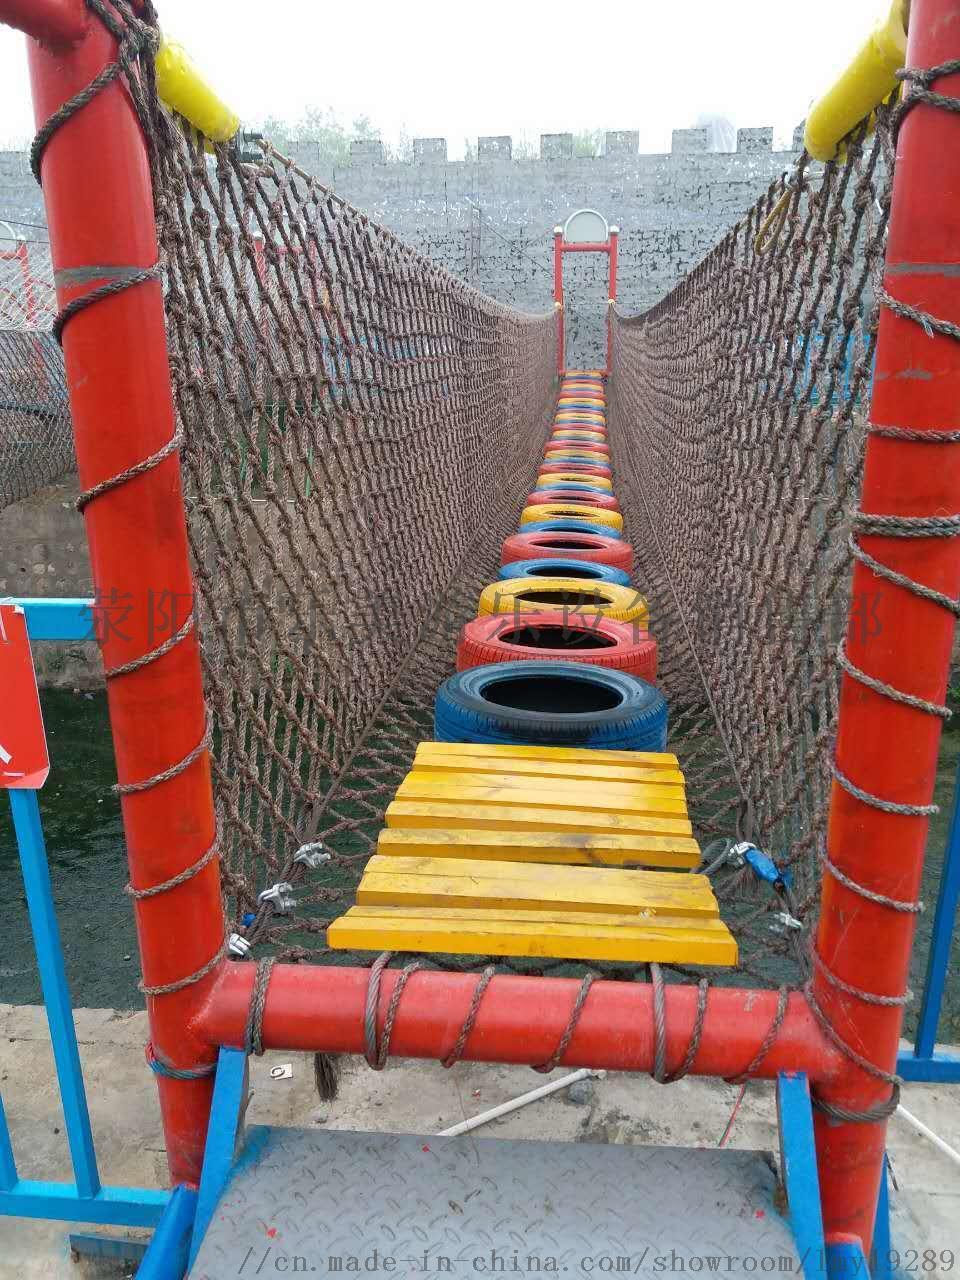 新型儿童体能乐园游乐设备,体能拓展训练设施